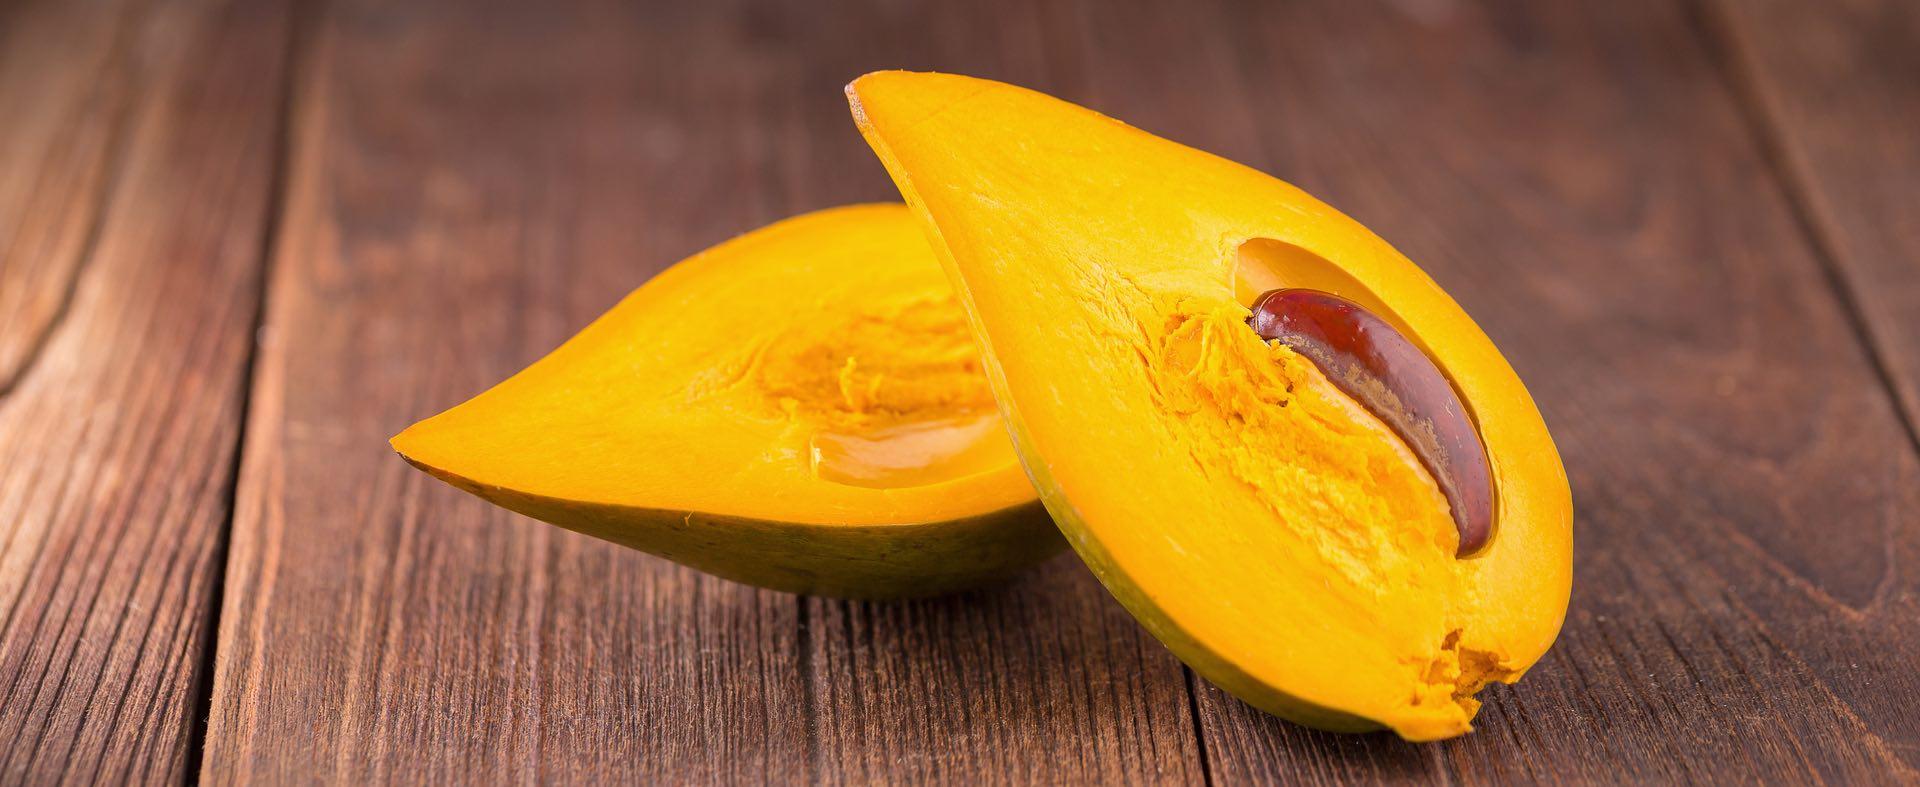 便秘、宿便有解!營養師推薦:仙桃的膳食纖維是地瓜兩倍!